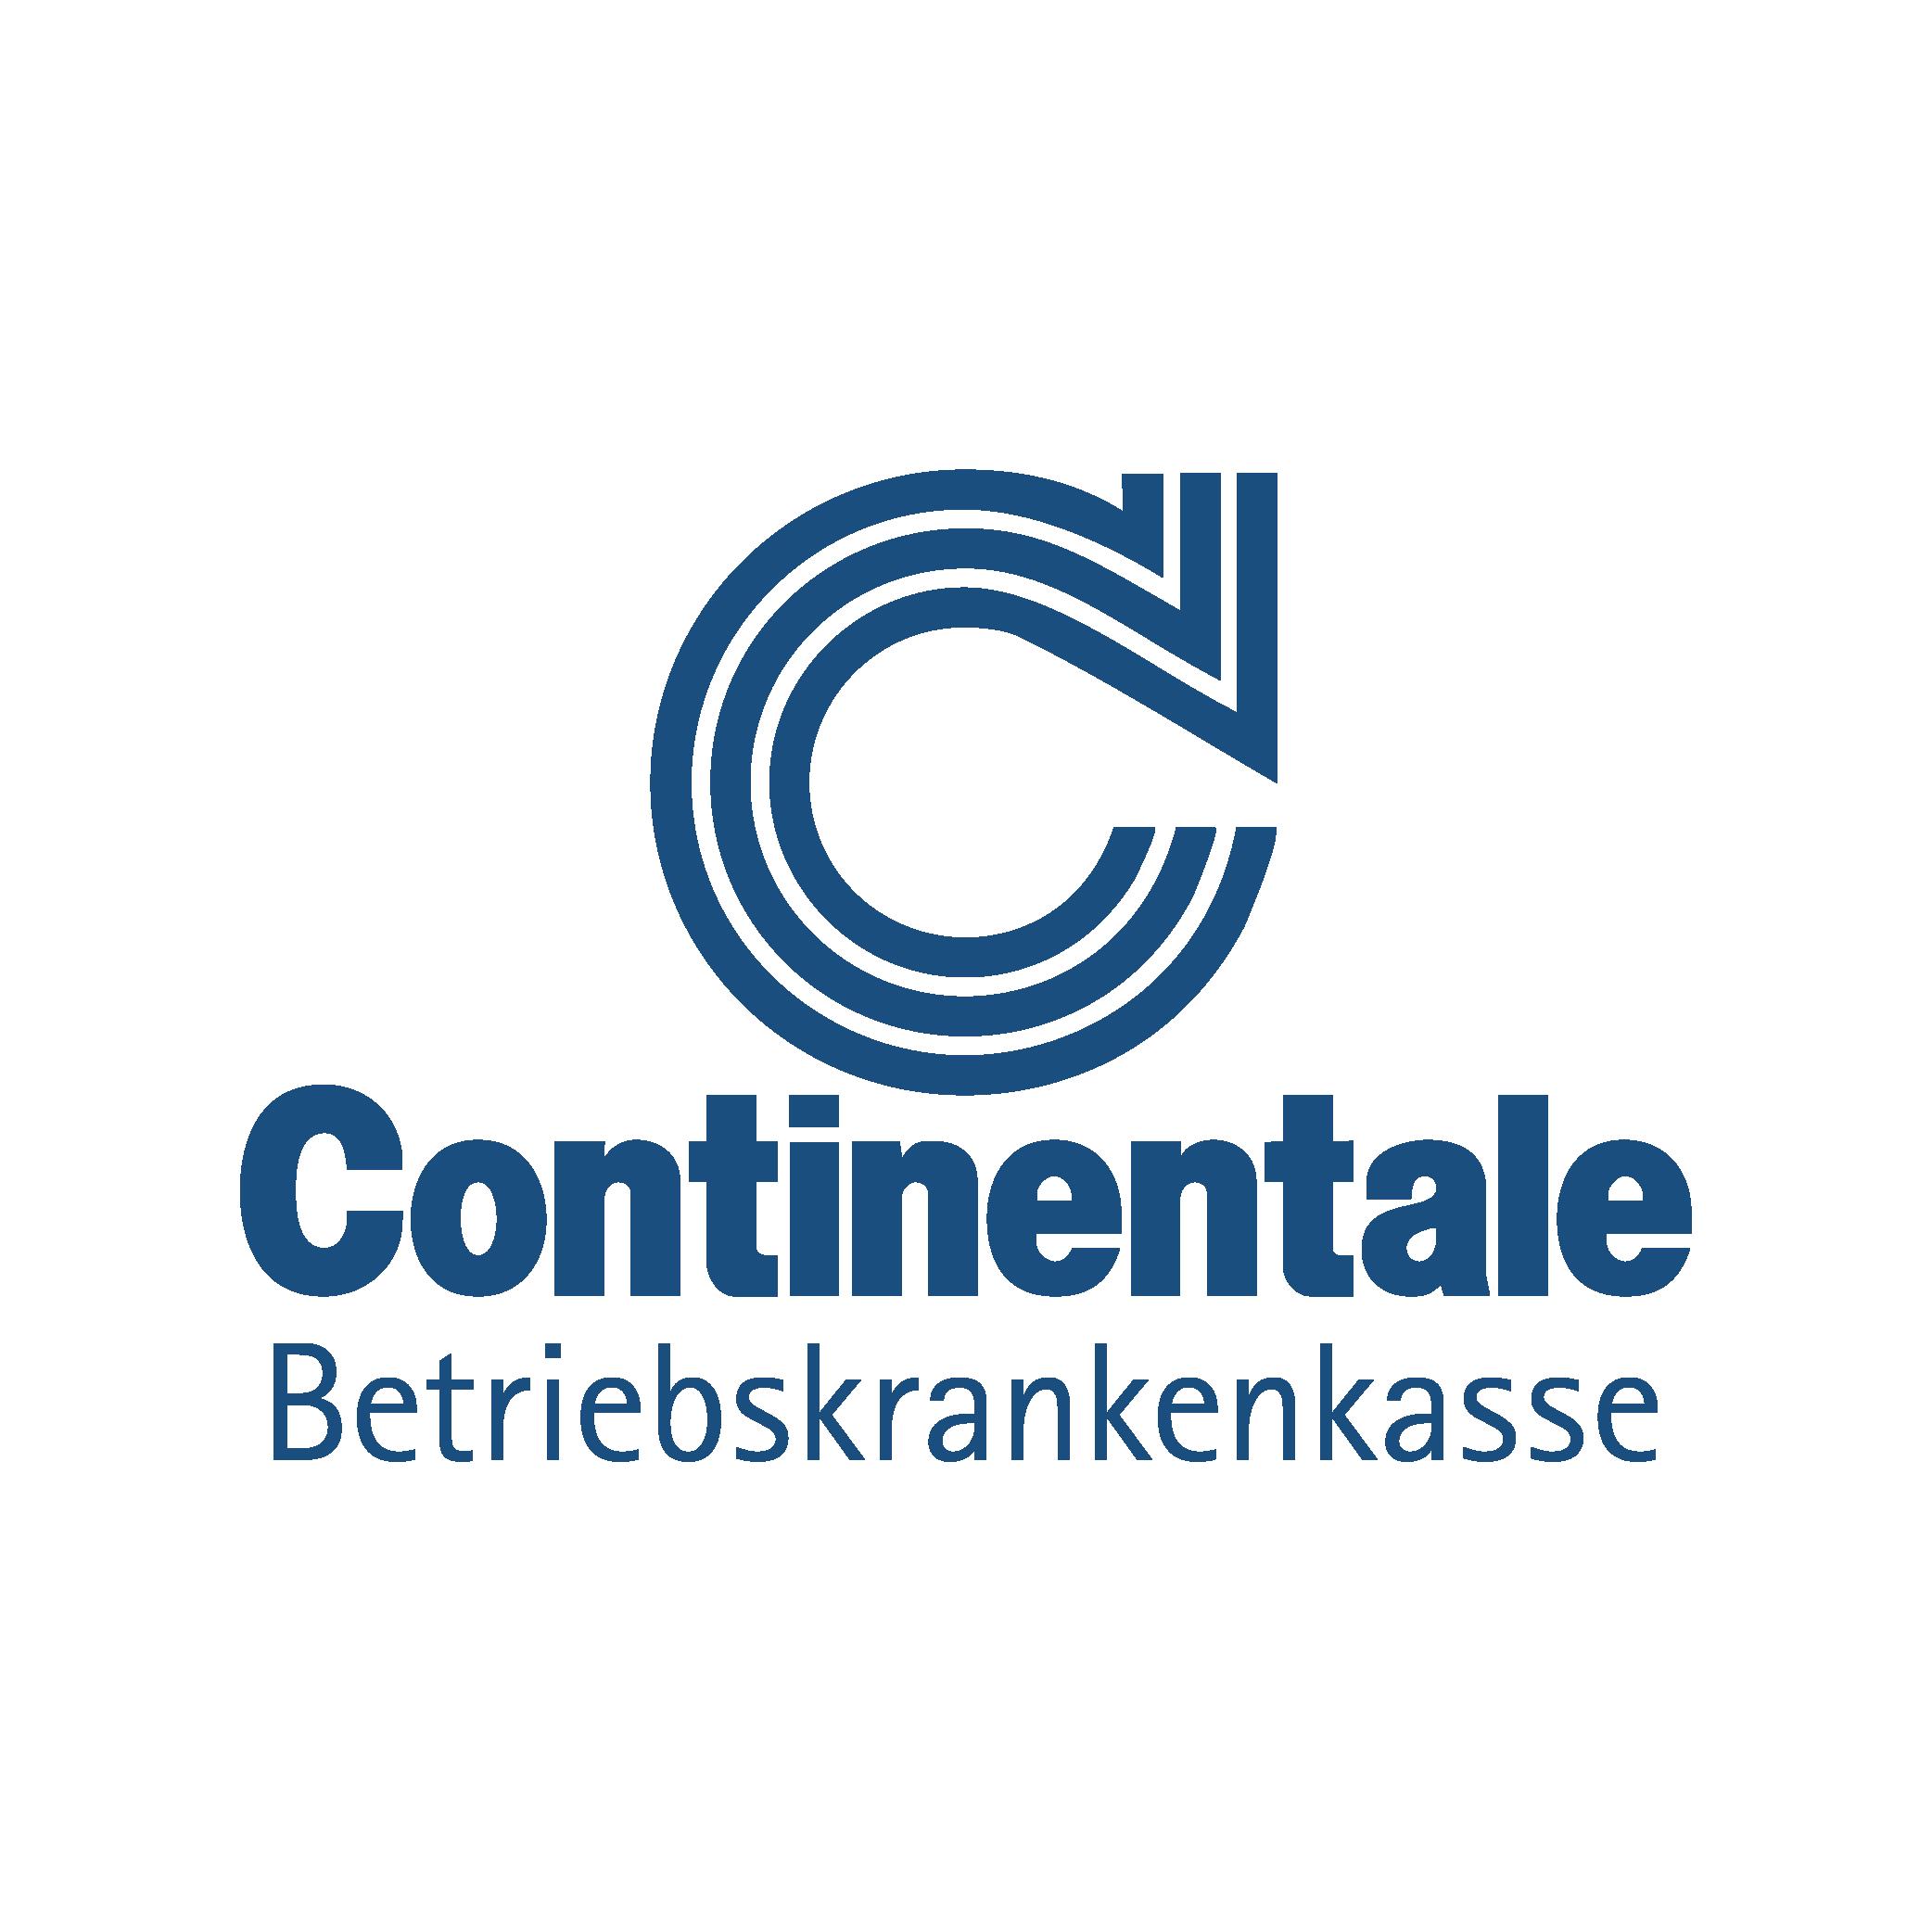 Markenzeichen der Die Continentale BKK